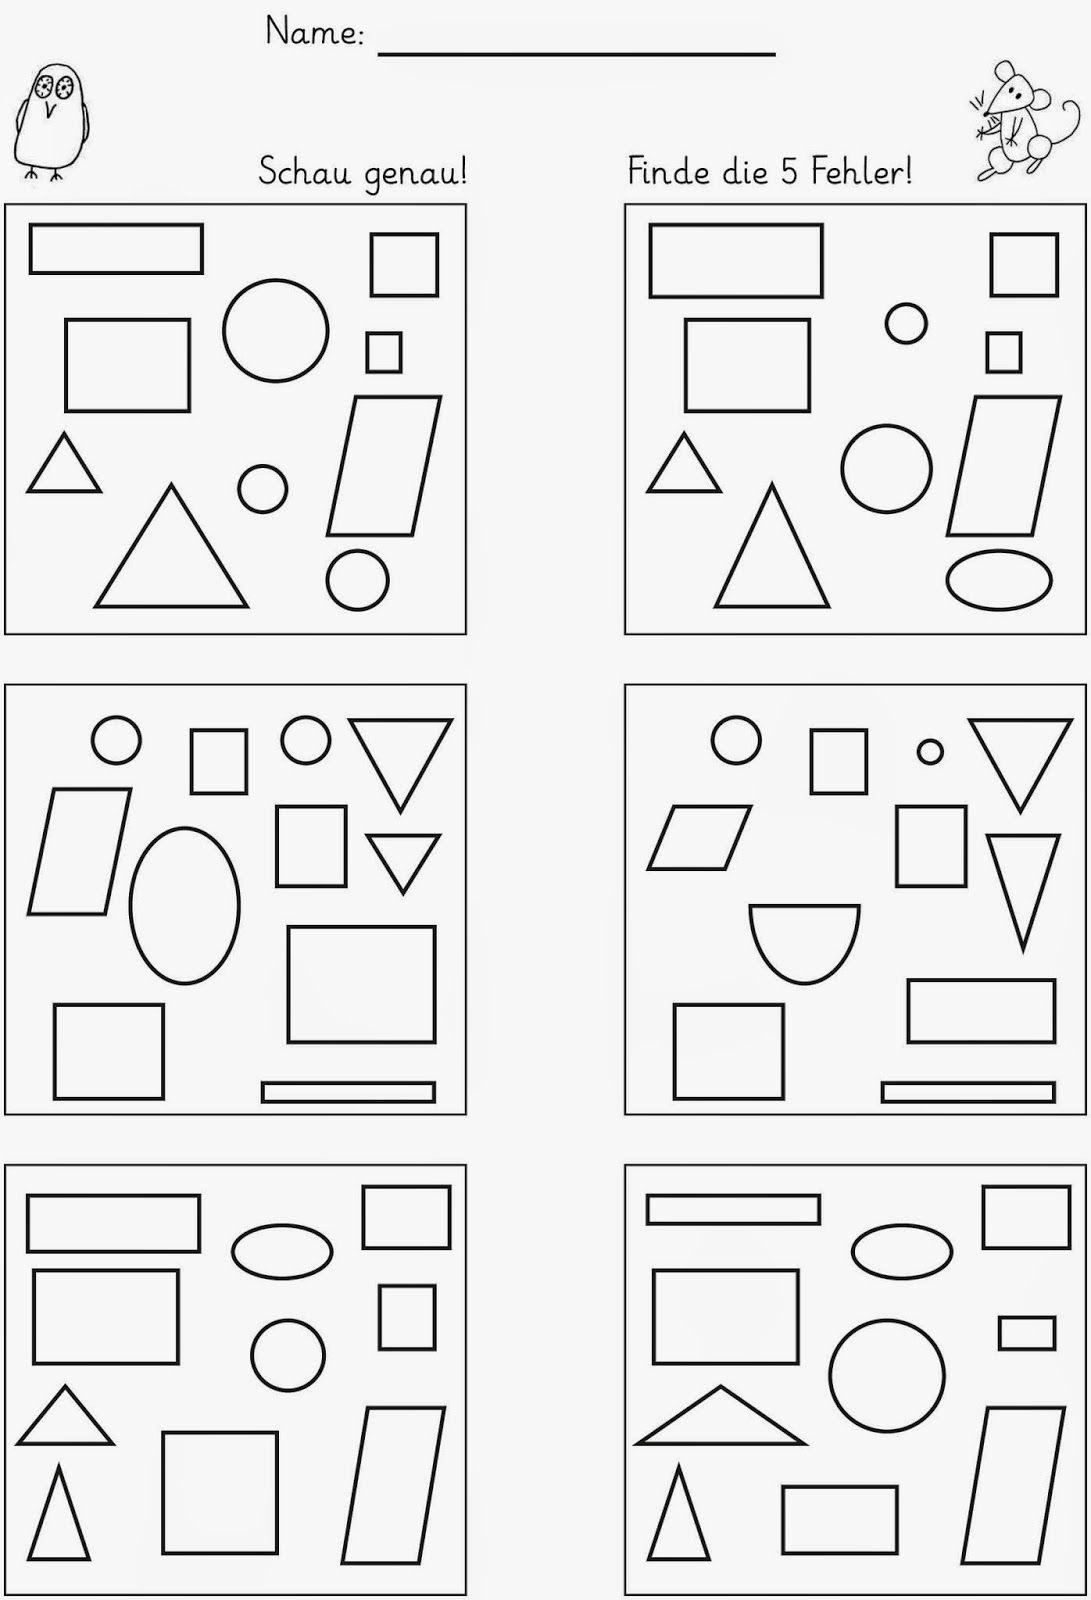 Unterschiede Finden (Mit Bildern) | Lernen, Arbeitsblätter verwandt mit Übungsblätter Vorschule